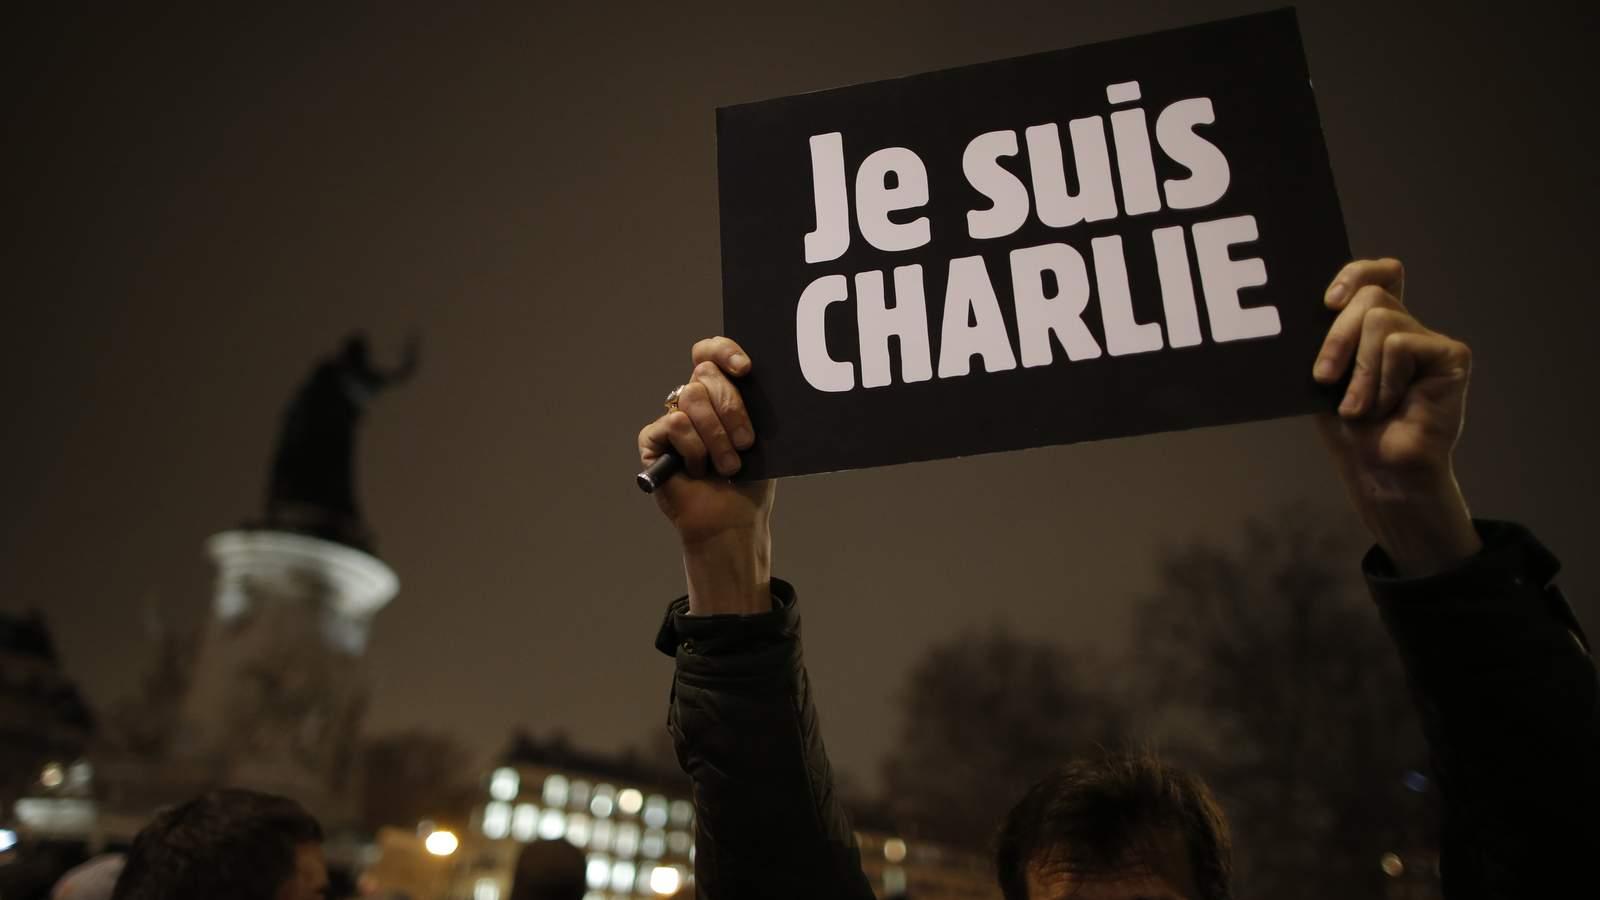 Charlie Hebdo: Miles de policías buscan los sospechosos que dejaron Francia en duelo nacional